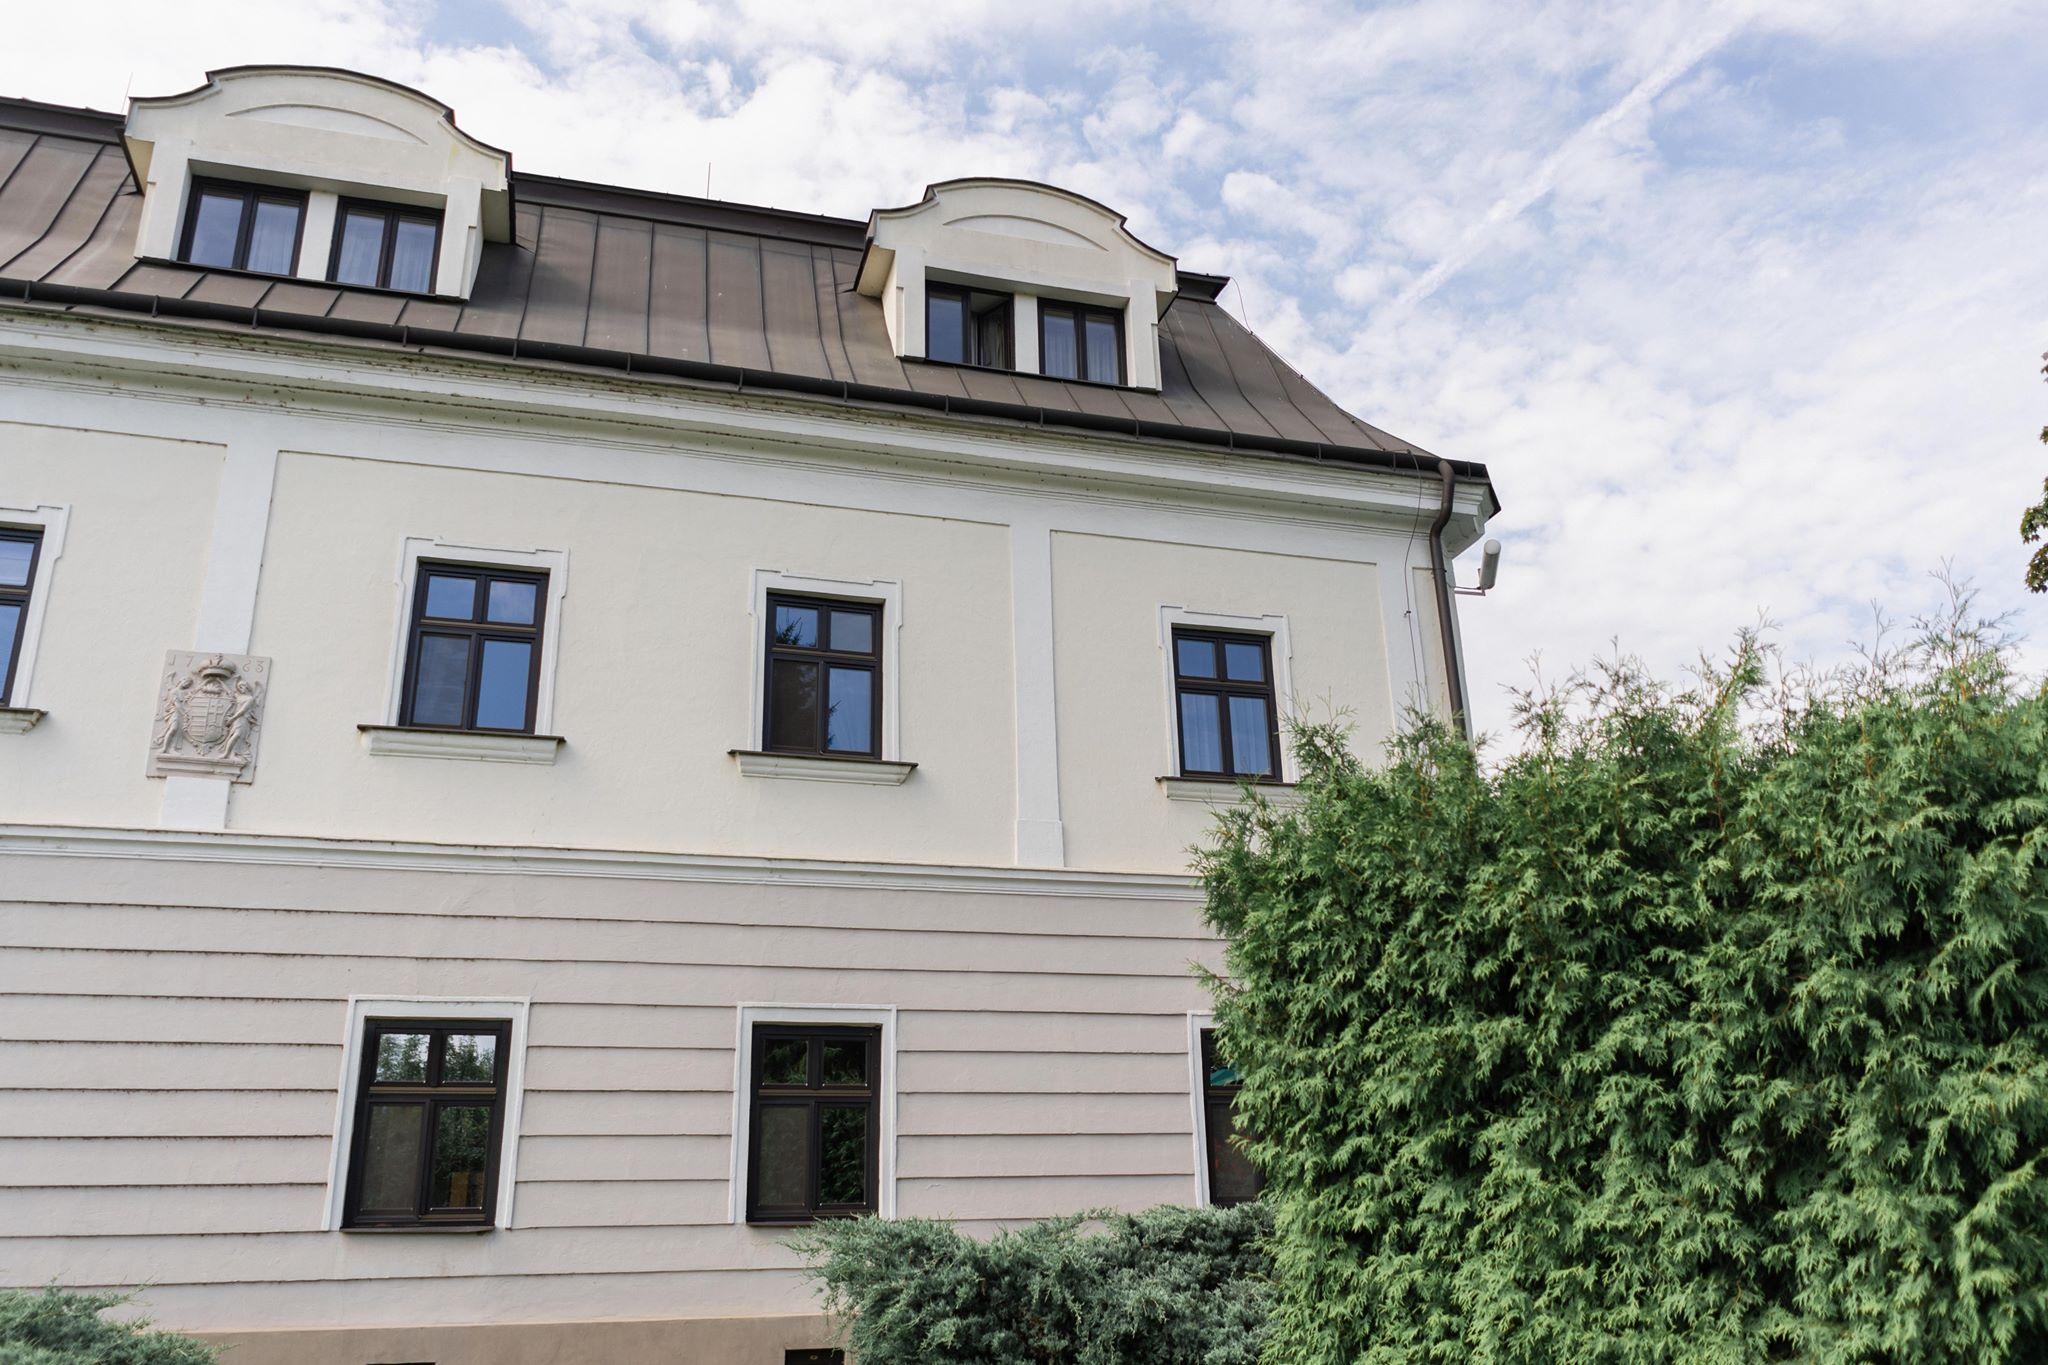 miesto-na-svadbu-villa-chateau-zilinajpg